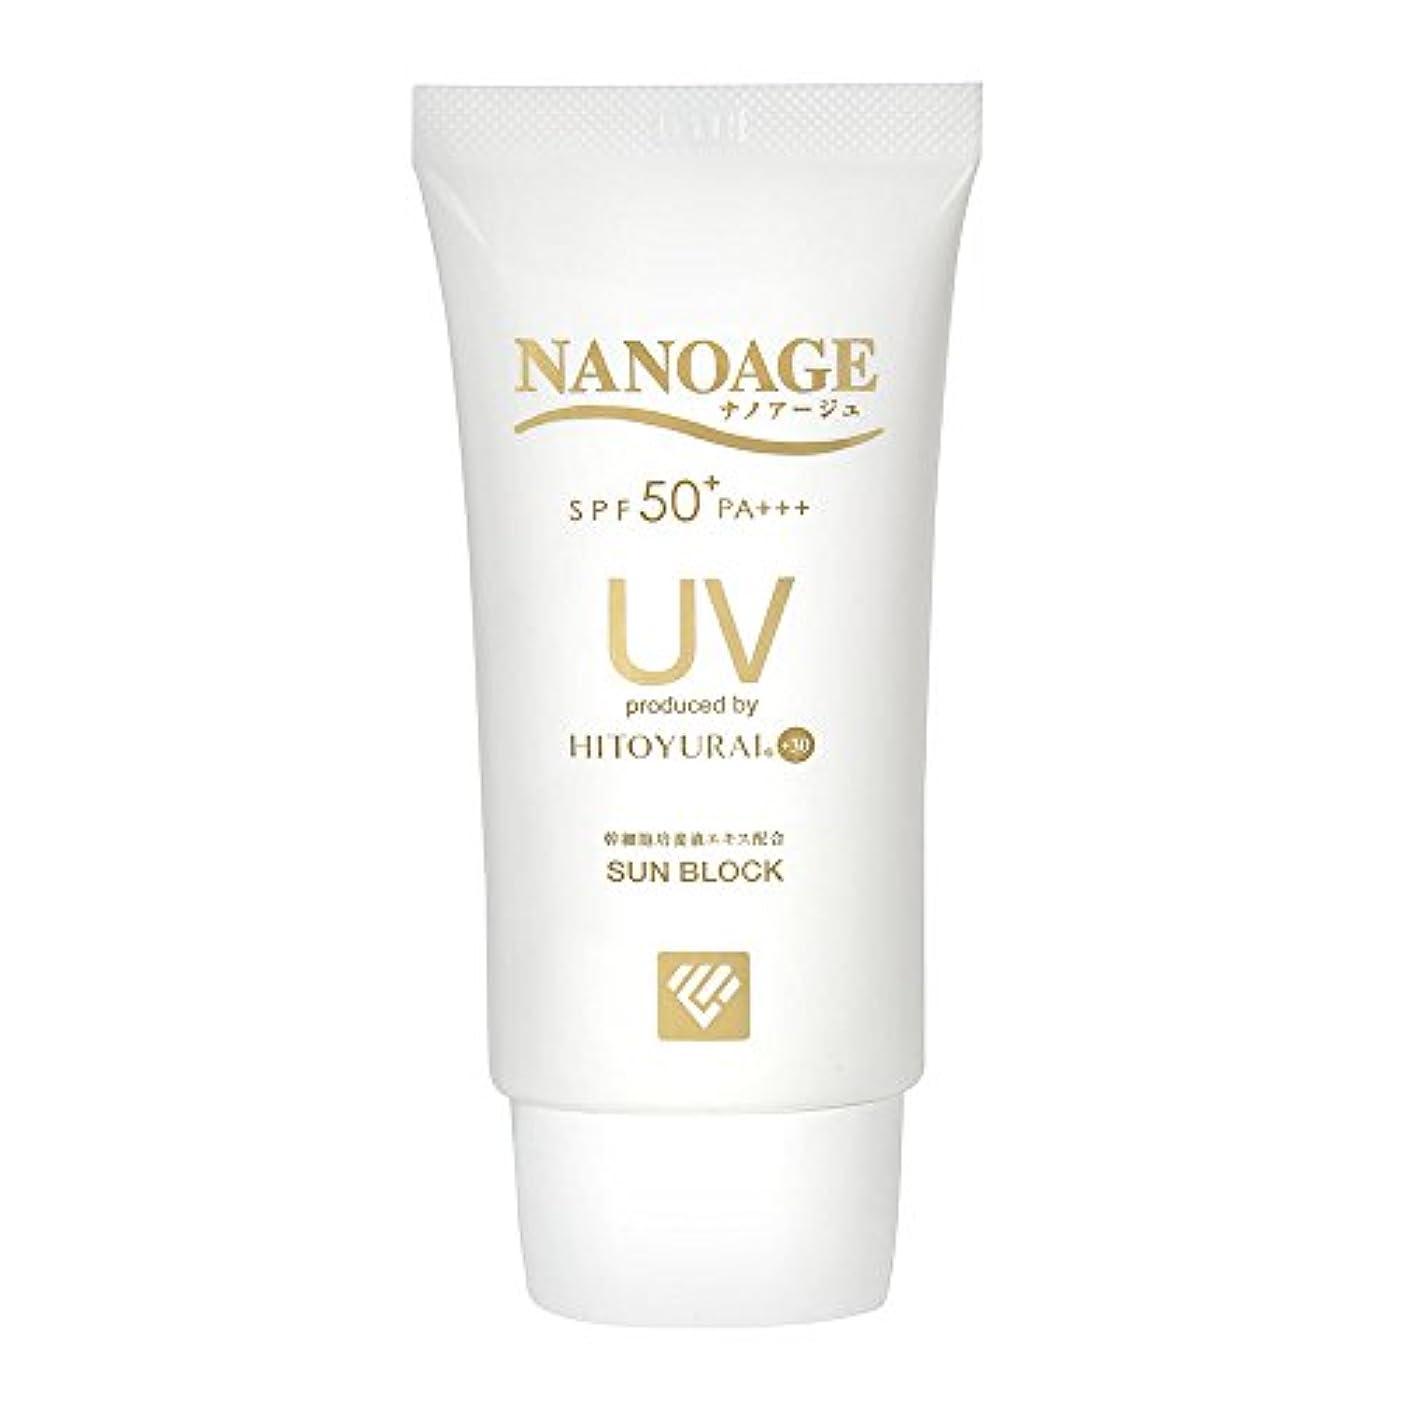 クレーン免除輝度NANOAGE(ナノアージュ) UVクリーム SPF50+ PA+++ 40ml